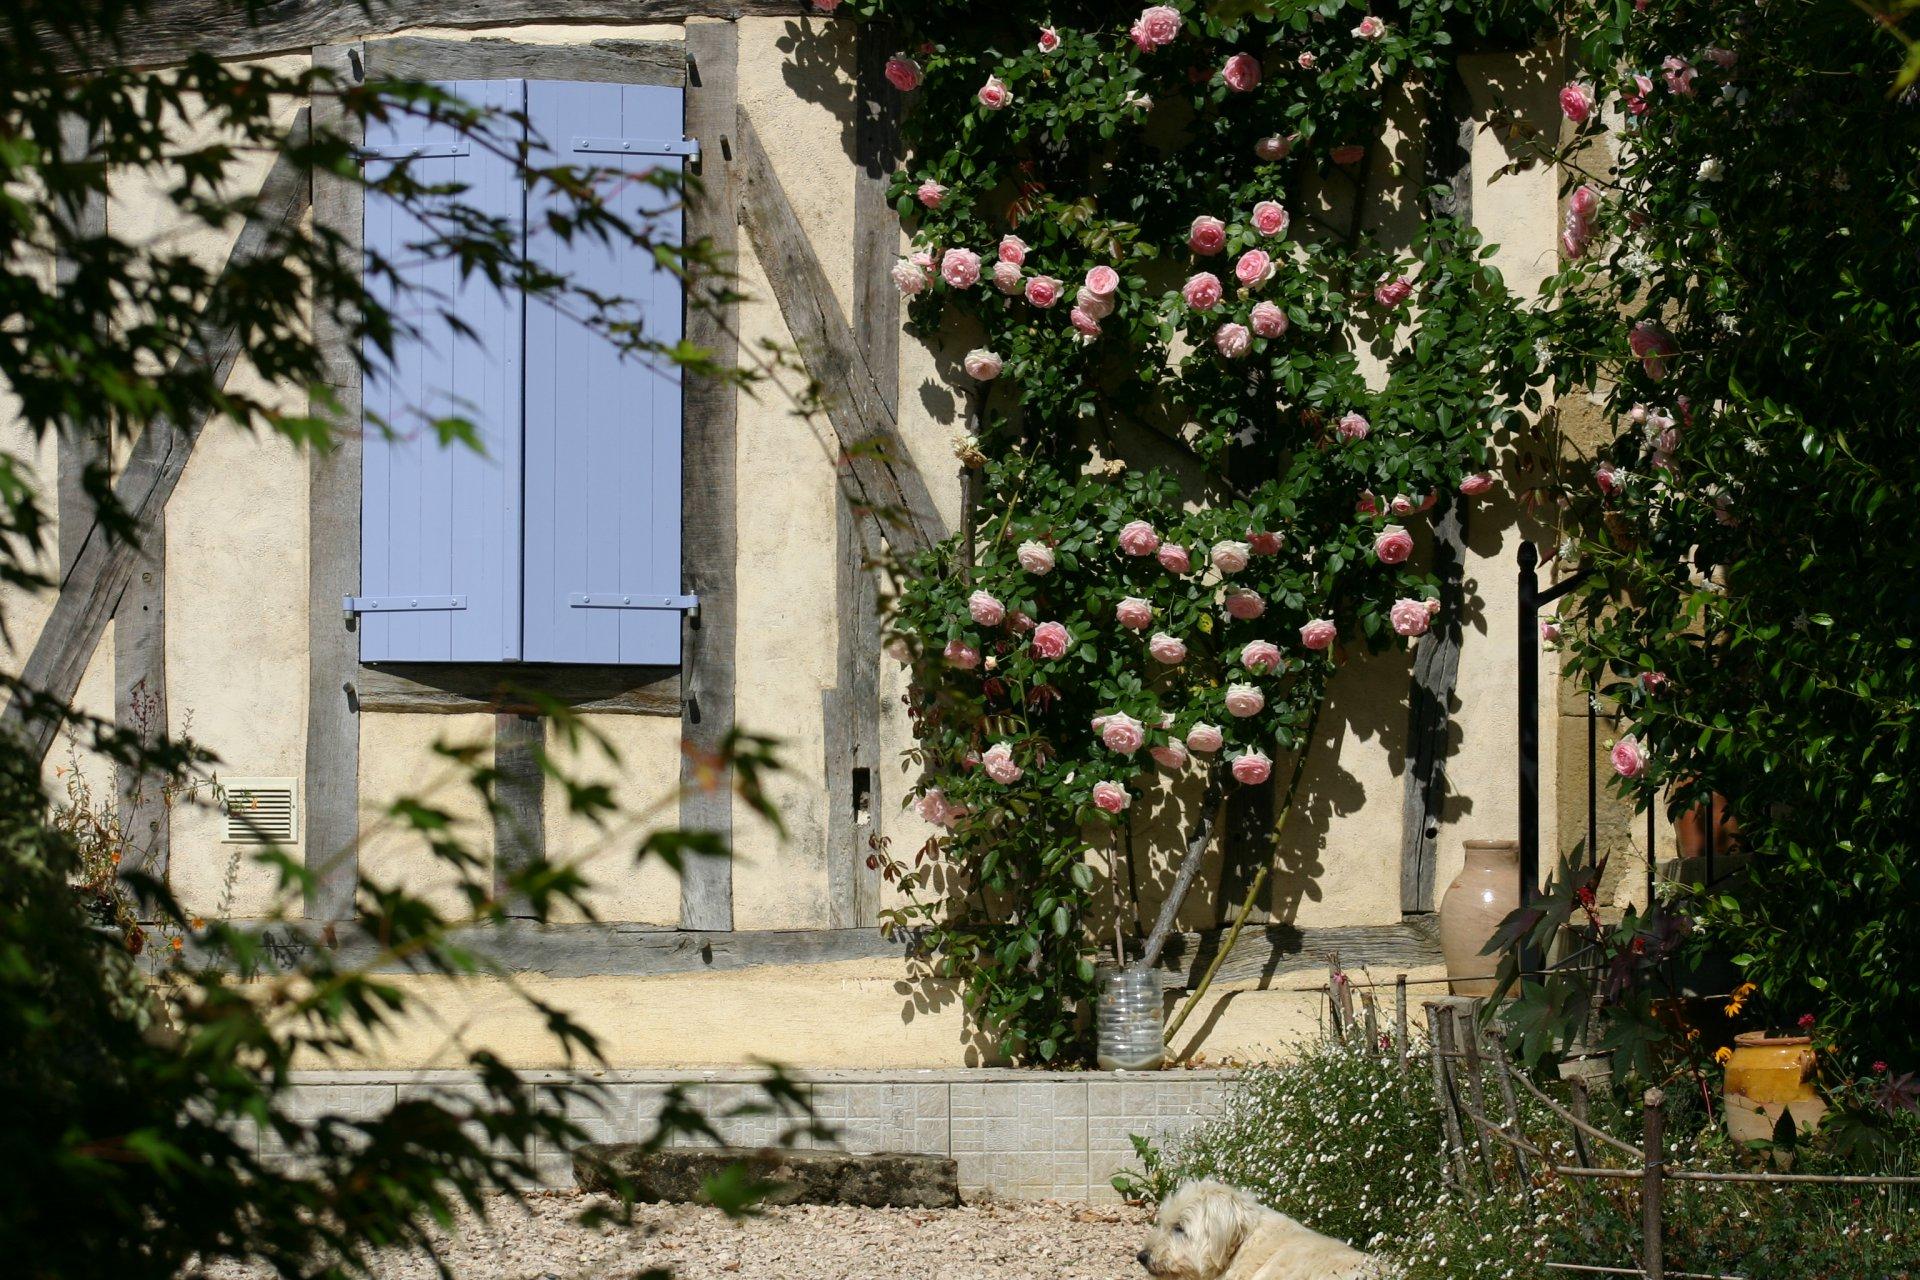 Magnifiquement situé, ferme avec gîtes, sur 6ha avec lac ! Gers, Midi-Pyrénées